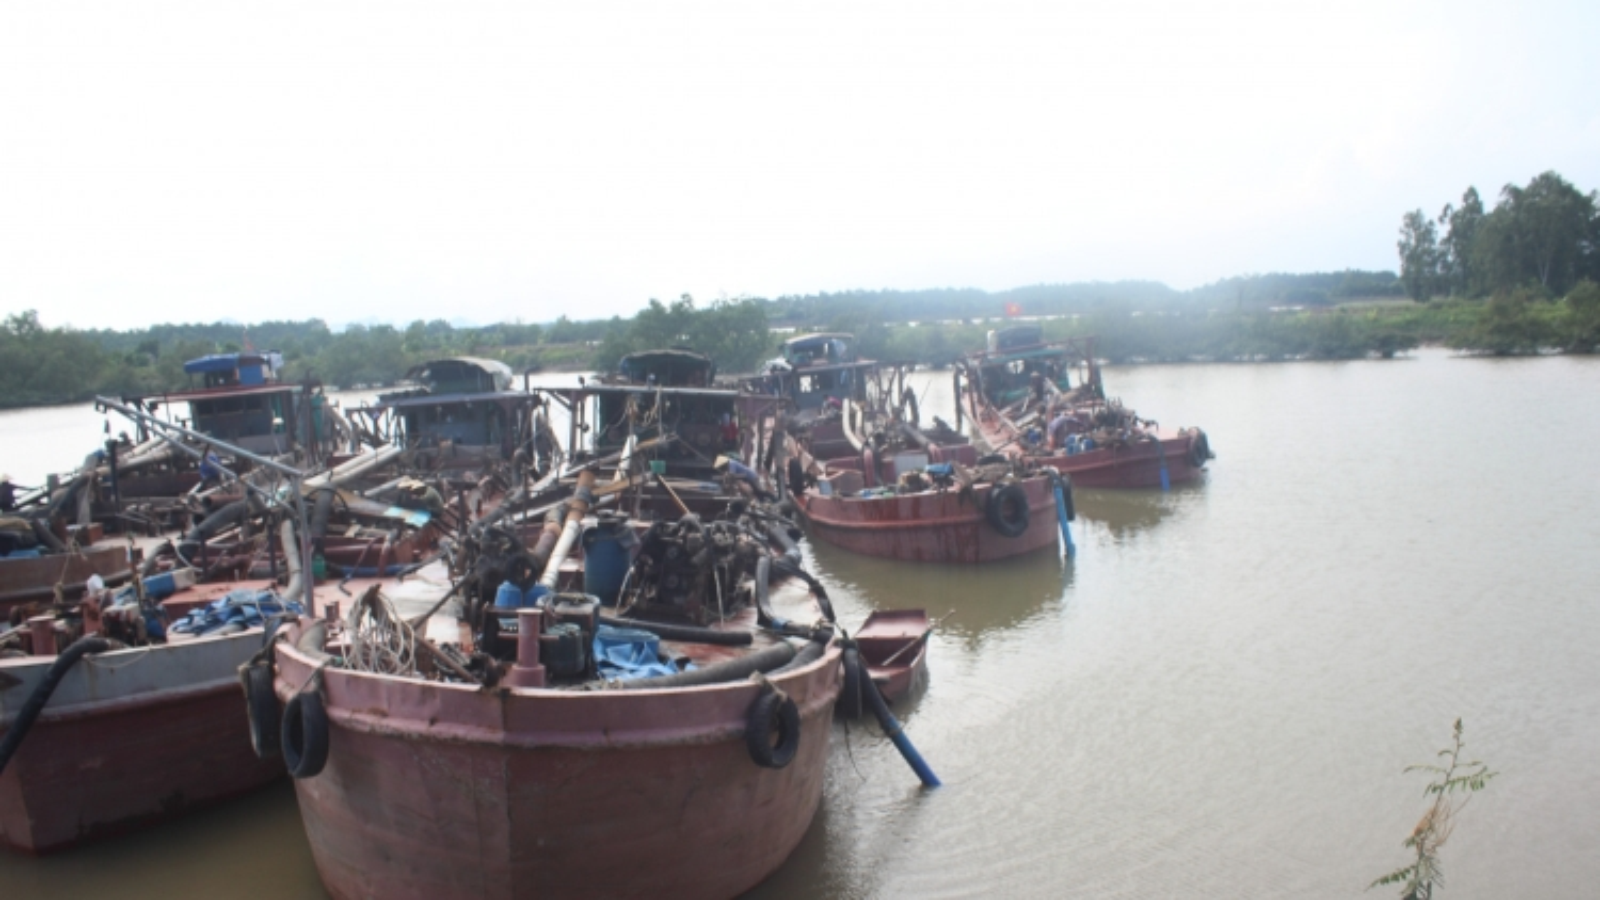 Bắt giữ và xử lý 6 tàu vận chuyển cát trái phép ởQuảng Ninh